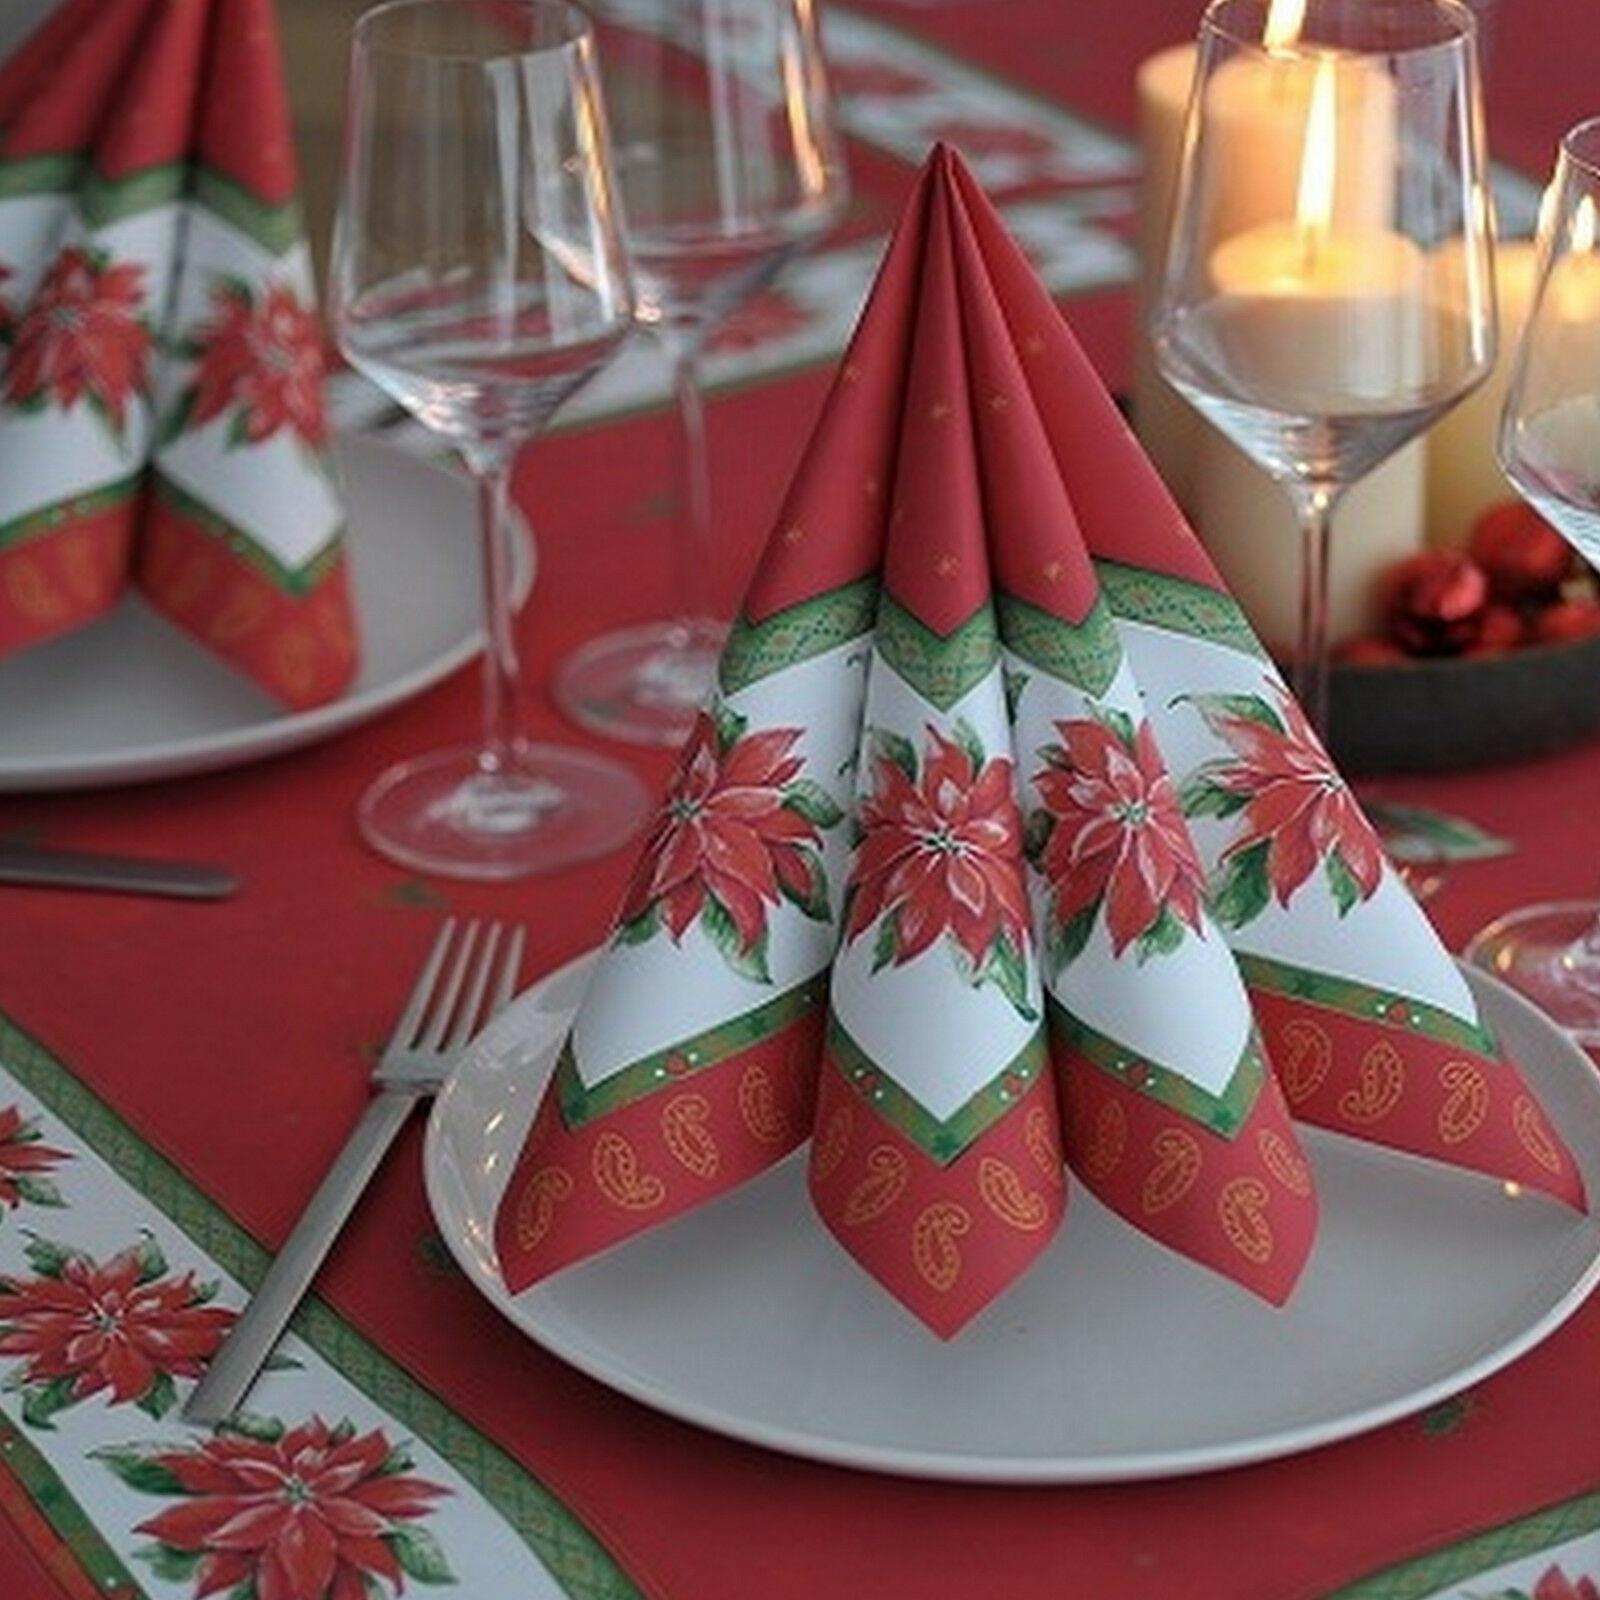 50-300 Stück Dunicel Premium Servietten 40x40 cm Weihnachten Rot Weihnachtstern - 50 Stück